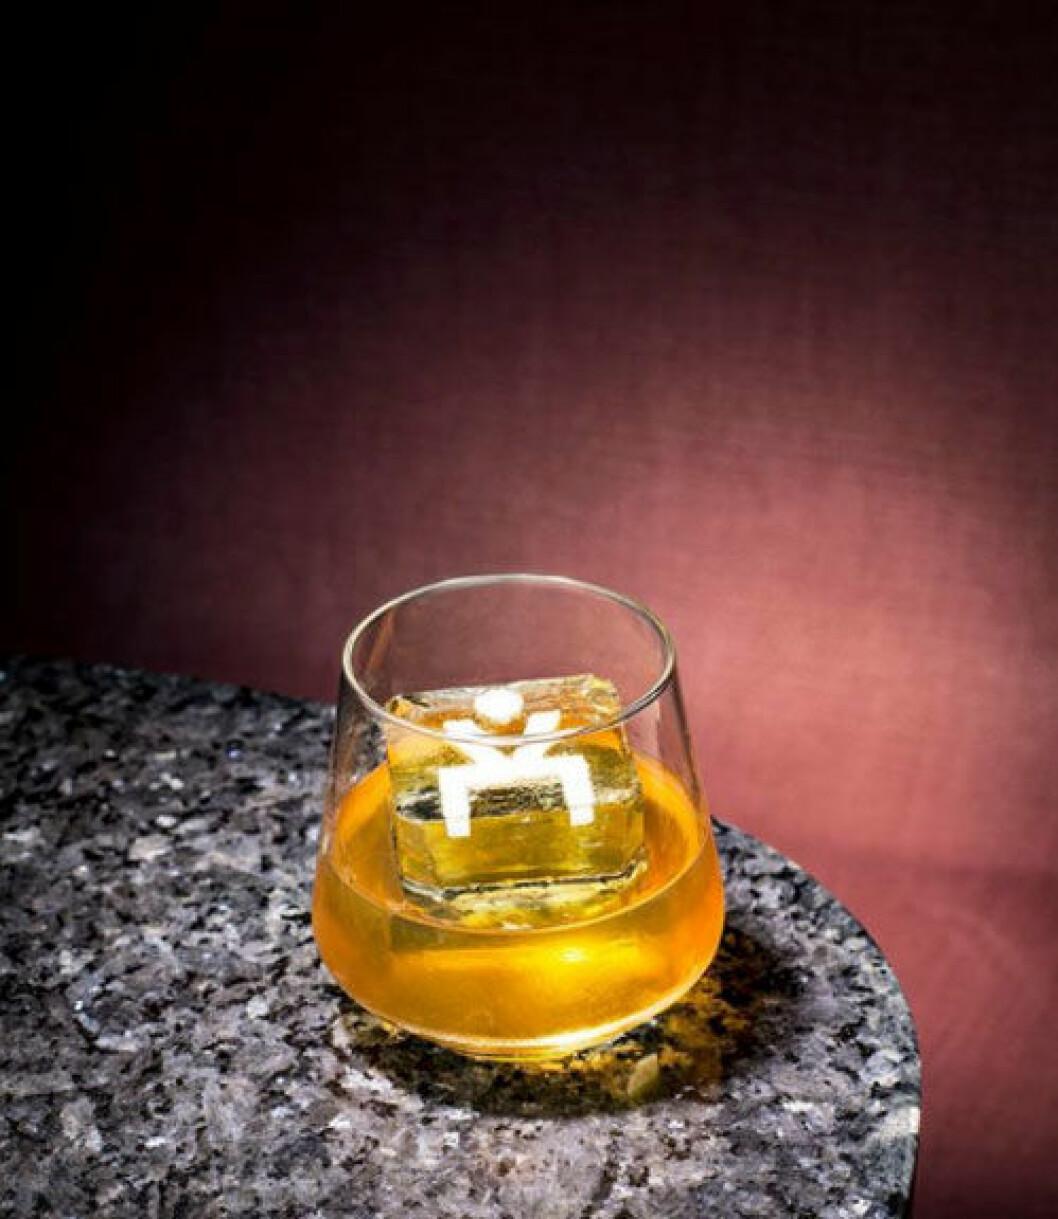 Videgård på Humlegårdsgatan har ett bra utbud av alkoholfria drinkar.